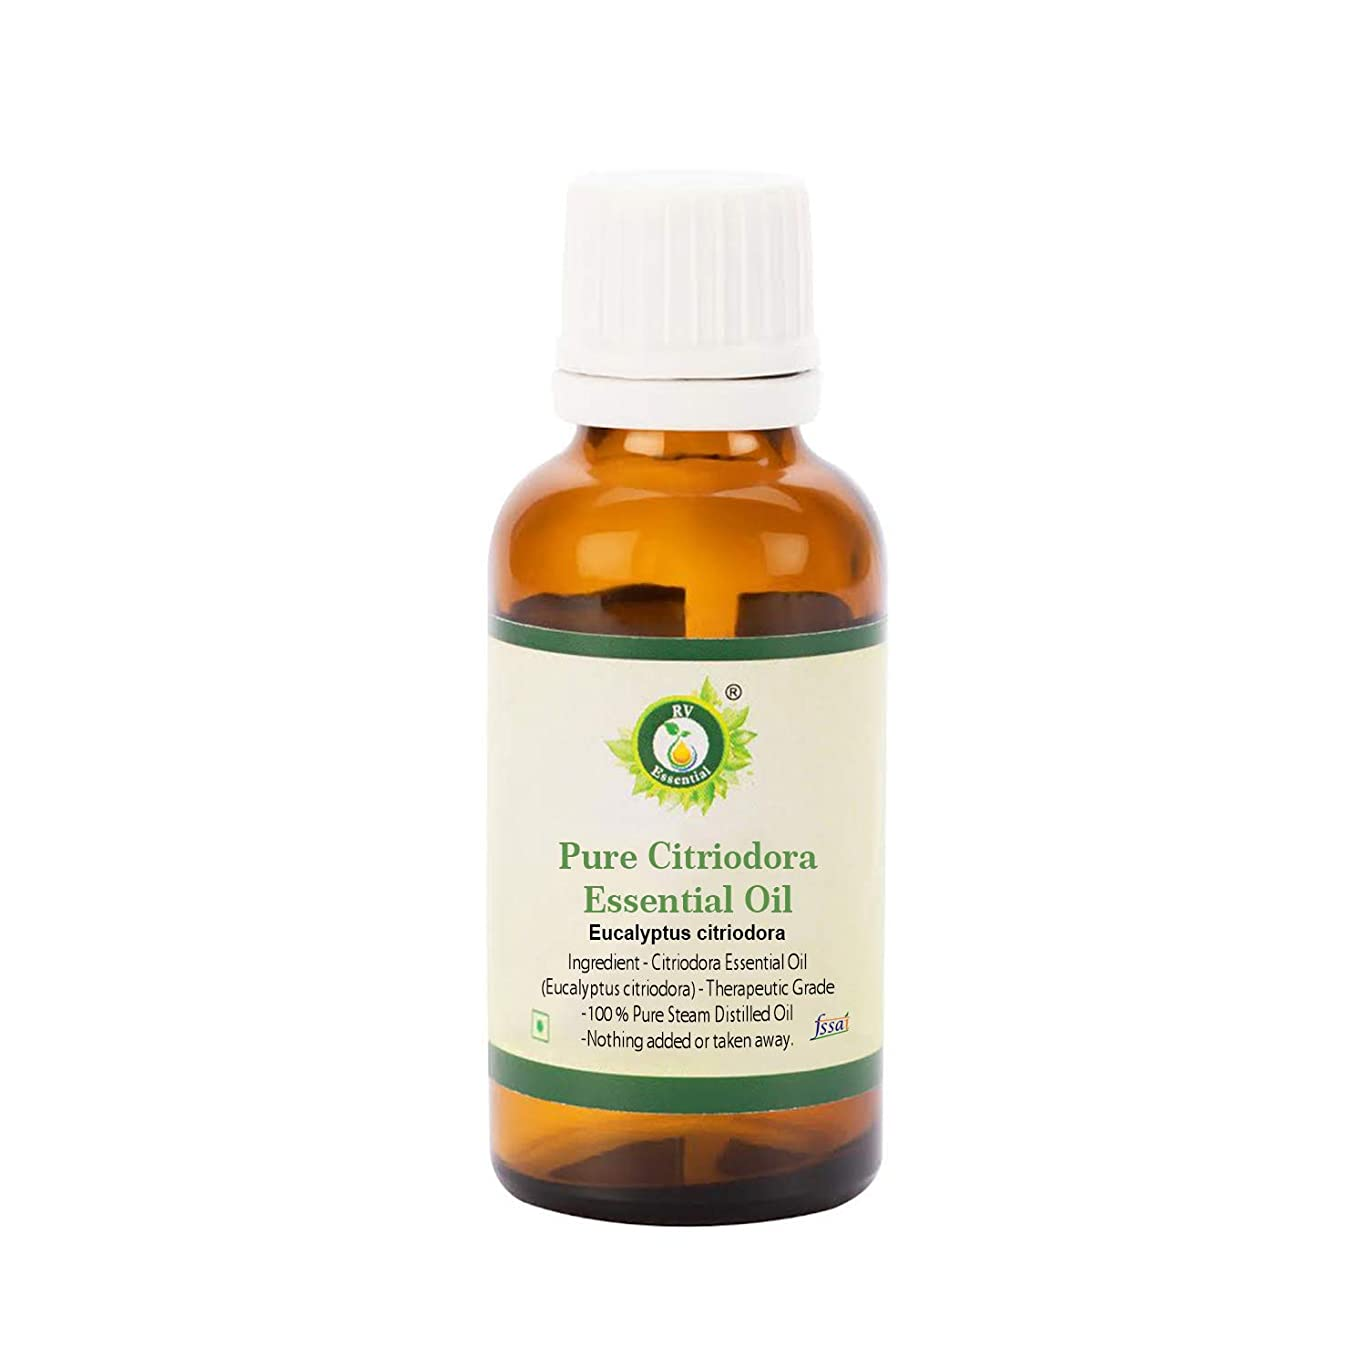 恋人明るくするピクニックをするR V Essential ピュアCitriodoraエッセンシャルオイル30ml (1.01oz)- Eucalyptus citriodora (100%純粋&天然スチームDistilled) Pure Citriodora Essential Oil